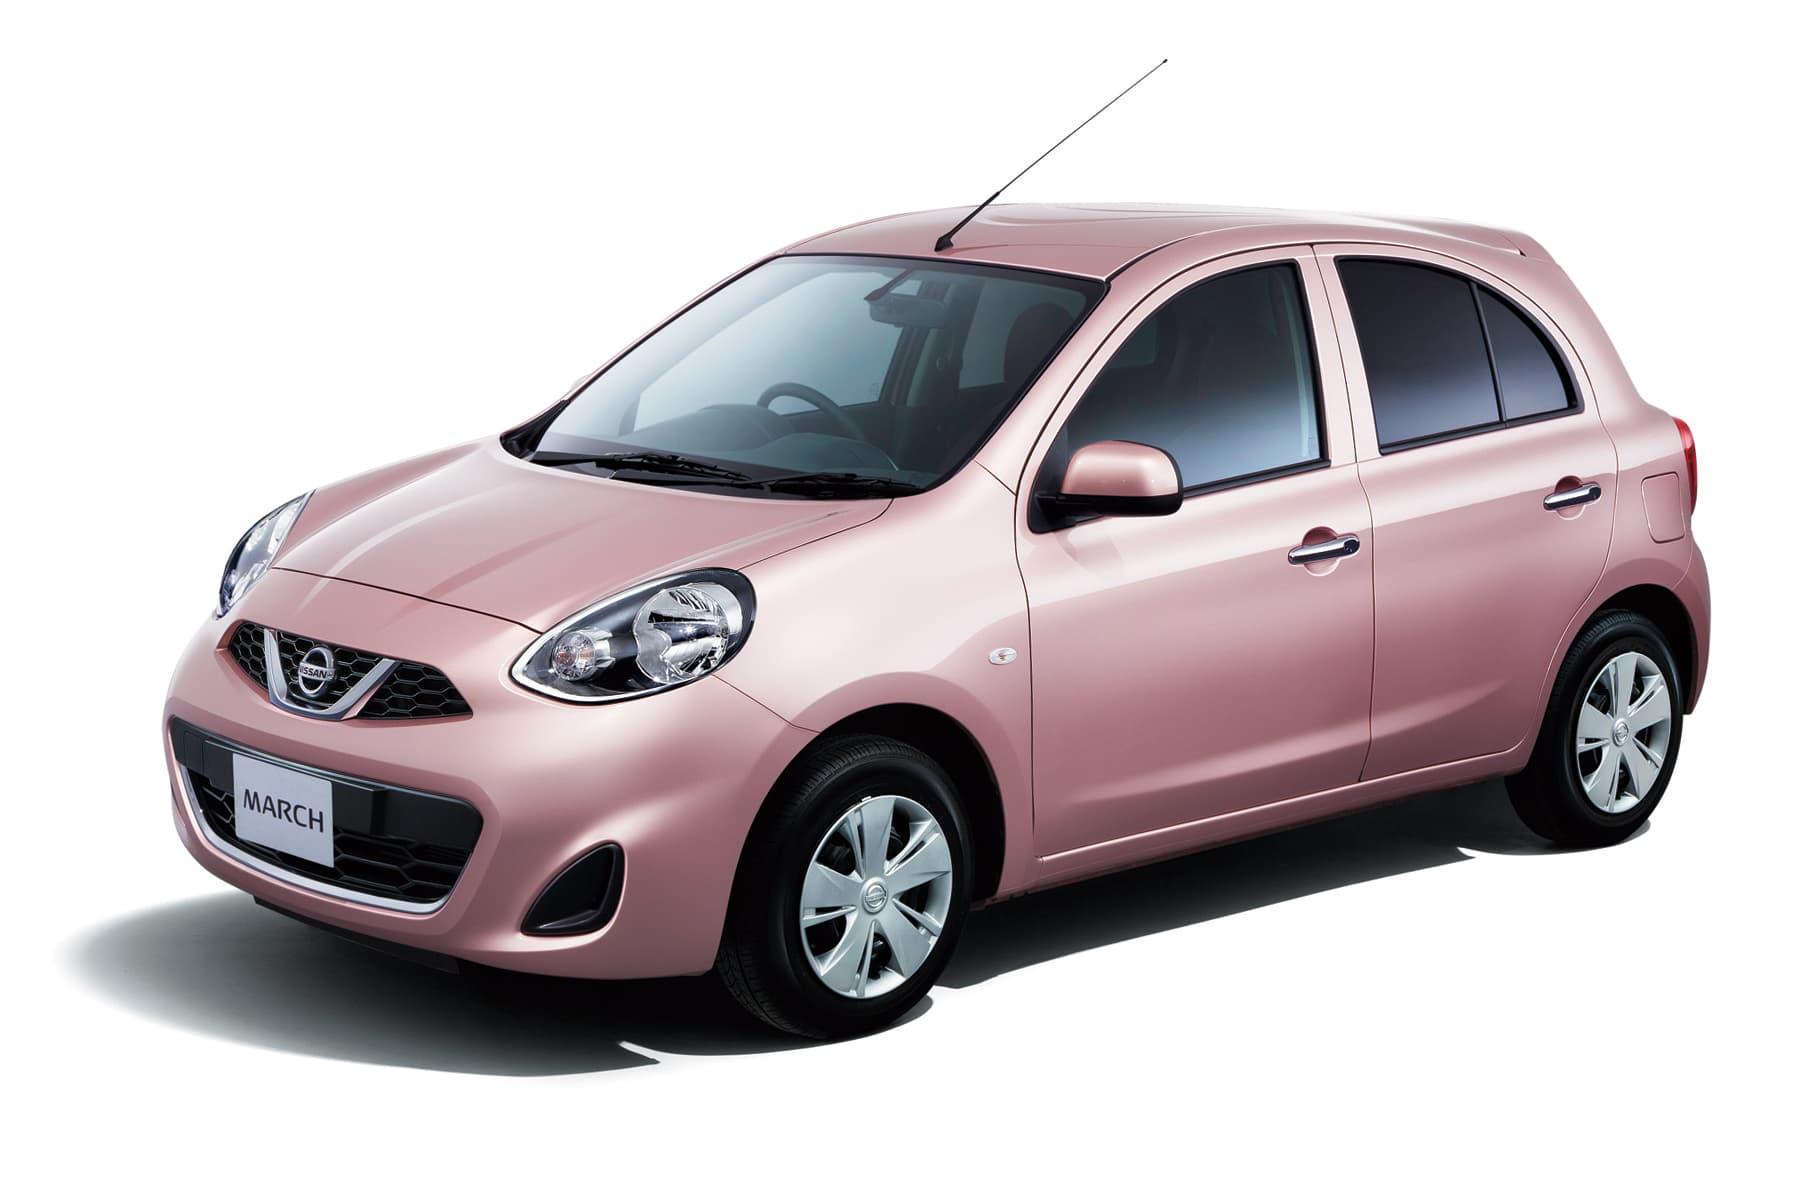 日産レンタカー行徳店『【JAL 関東】 車種無指定ダブルマイルプラン』